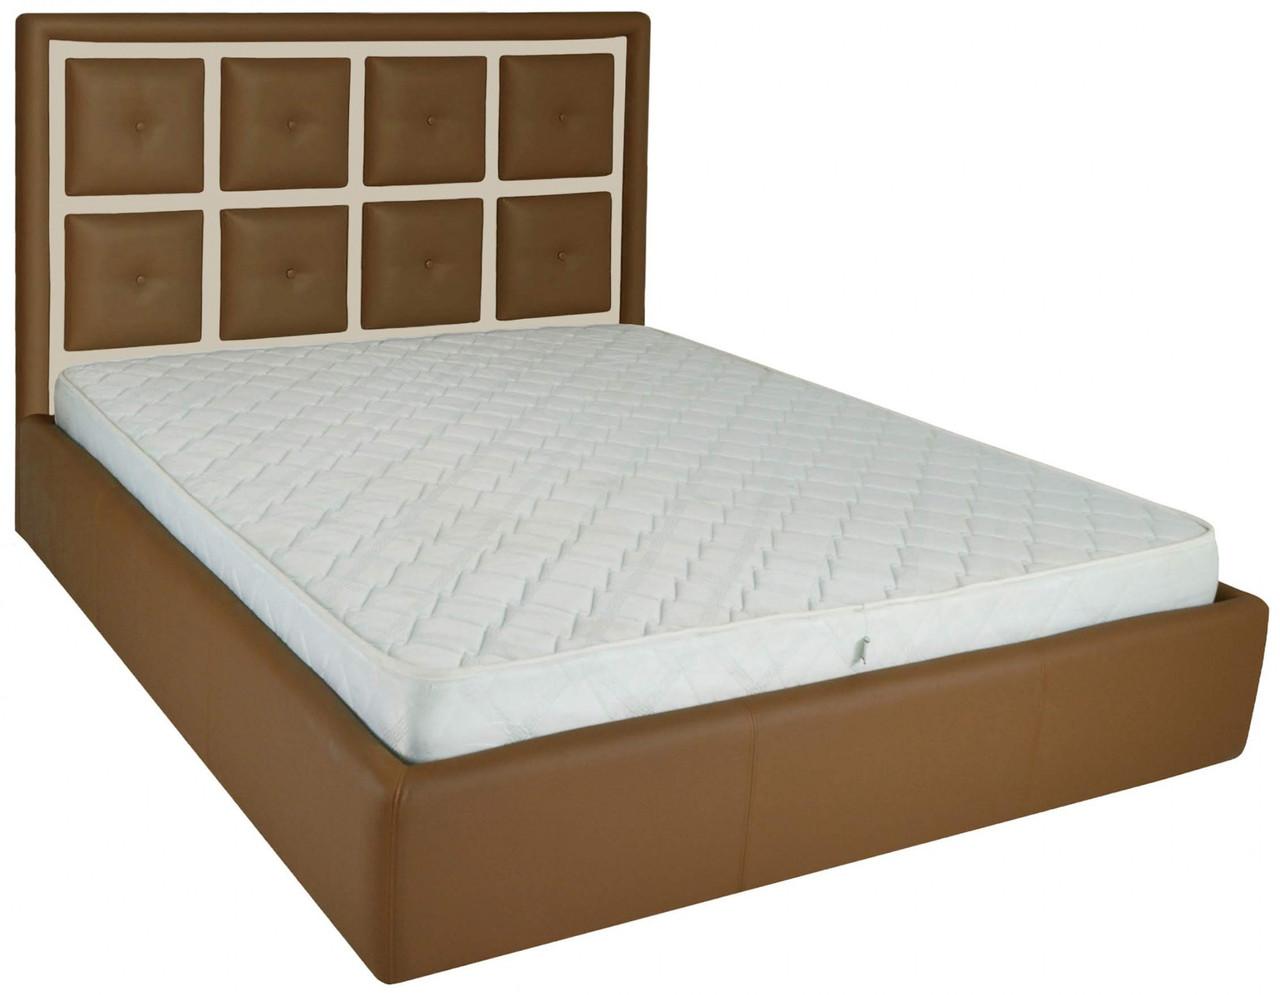 Кровать Двуспальная Windsor VIP 160 х 190 см Флай 2213/2207 С дополнительной металлической цельносварной рамой